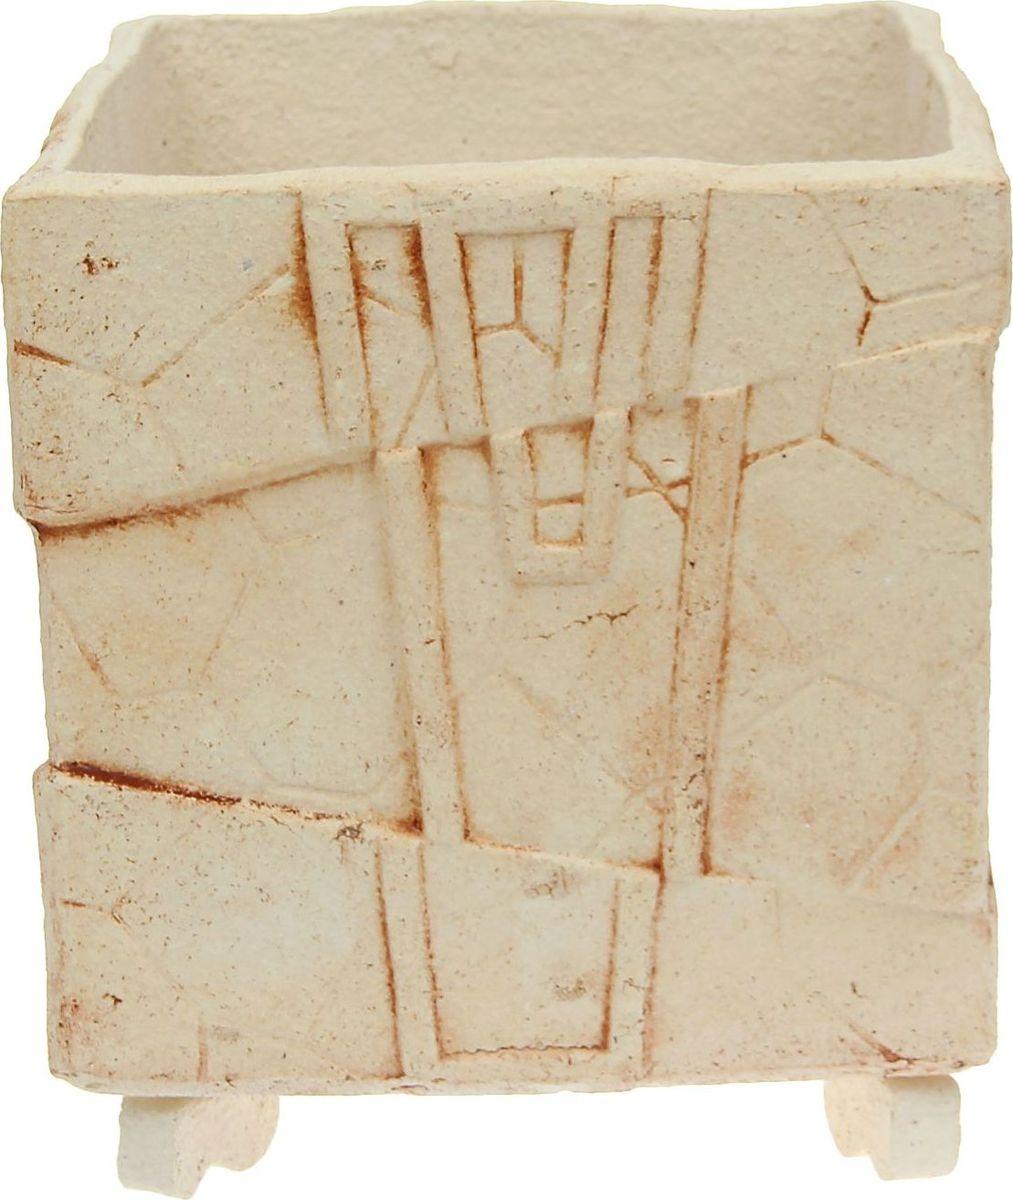 Кашпо Куб, 25 х 25 х 25 см1171961Комнатные растения — всеобщие любимцы. Они радуют глаз, насыщают помещение кислородом и украшают пространство. Каждому из них необходим свой удобный и красивый дом. Кашпо из керамики прекрасно подходят для высадки растений: за счёт пластичности глины и разных способов обработки существует великое множество форм и дизайновпористый материал позволяет испаряться лишней влагевоздух, необходимый для дыхания корней, проникает сквозь керамические стенки! #name# позаботится о зелёном питомце, освежит интерьер и подчеркнёт его стиль.